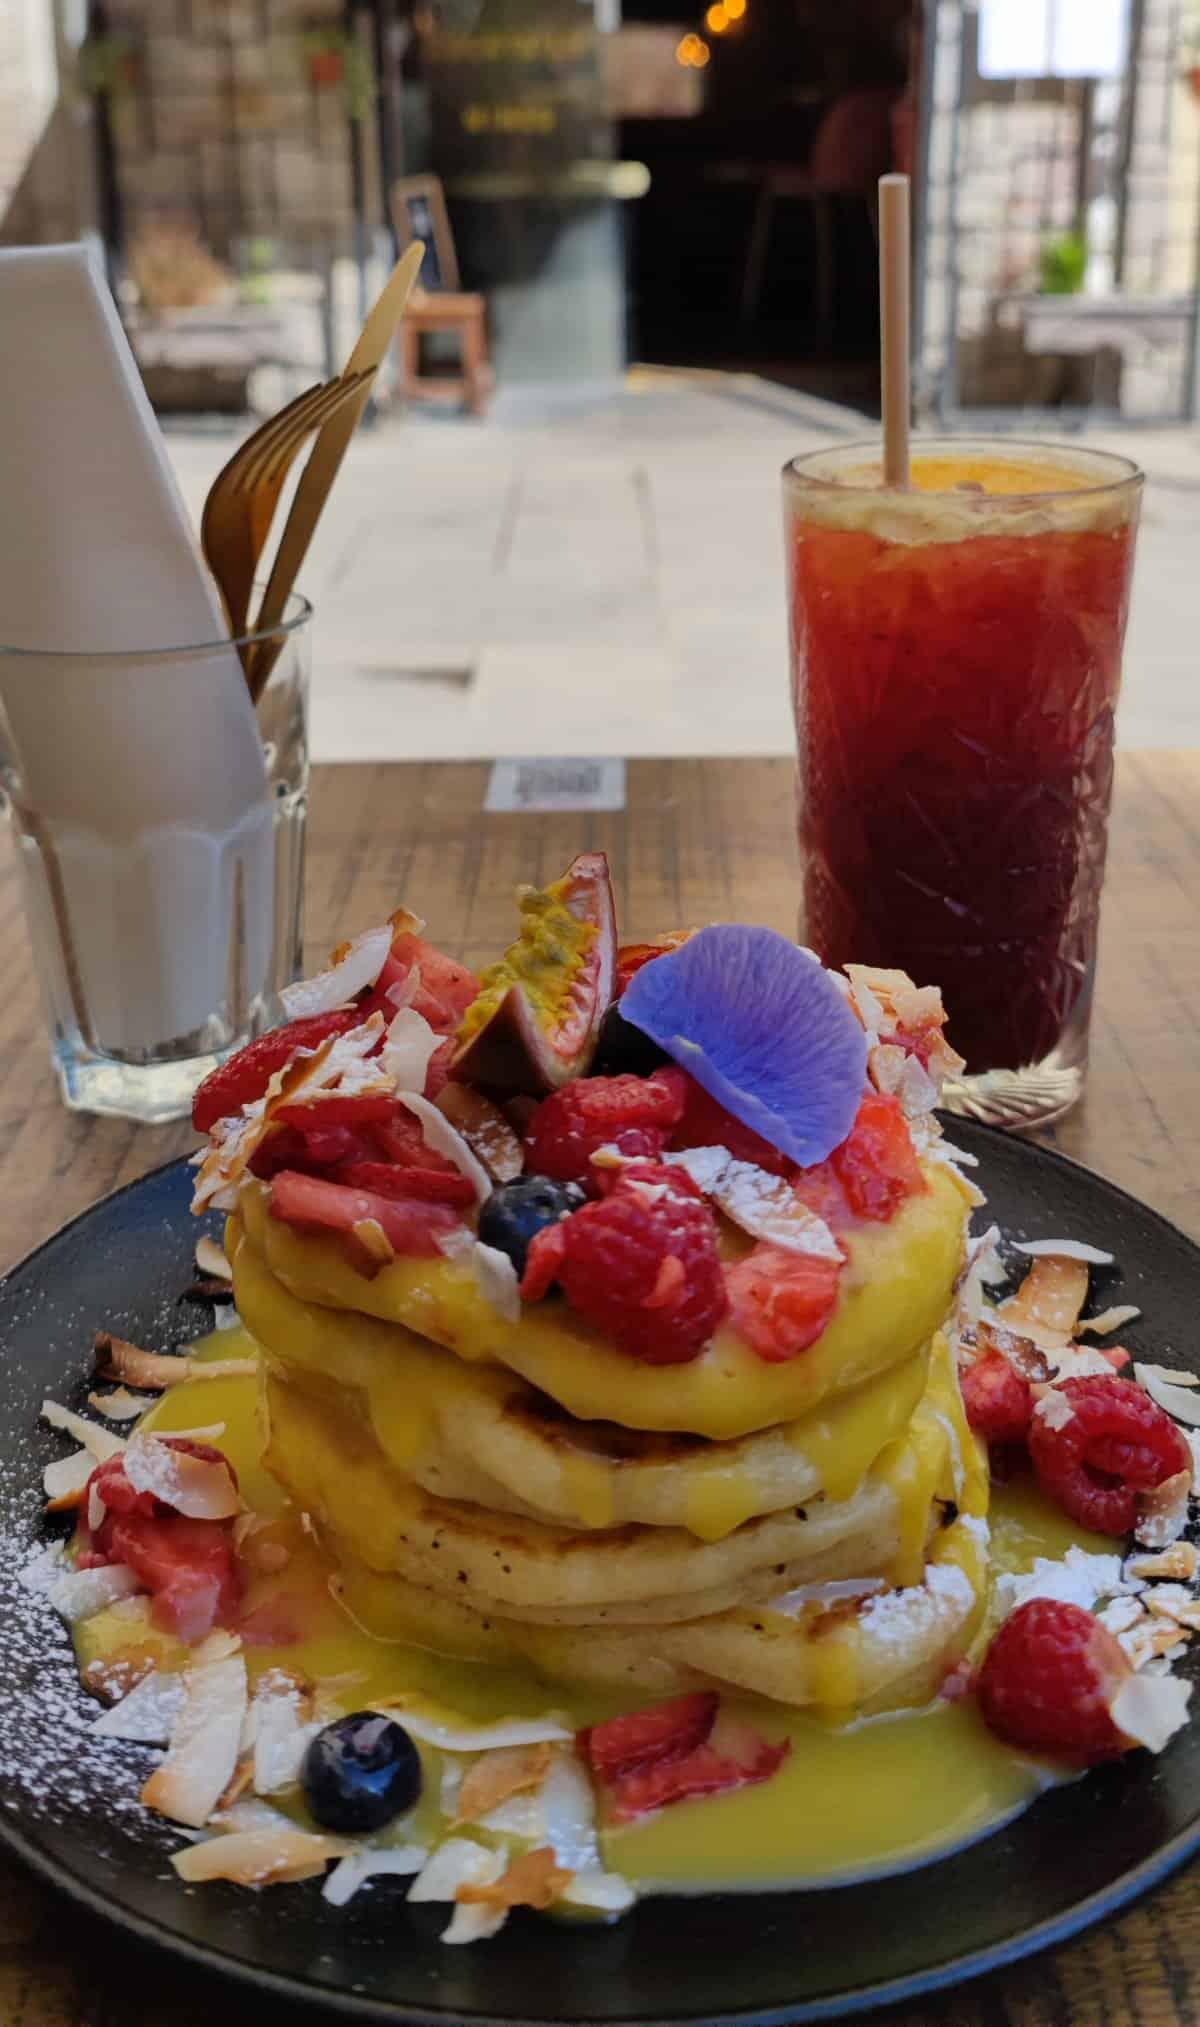 Passion Fruit Pancakes at Cremat 11